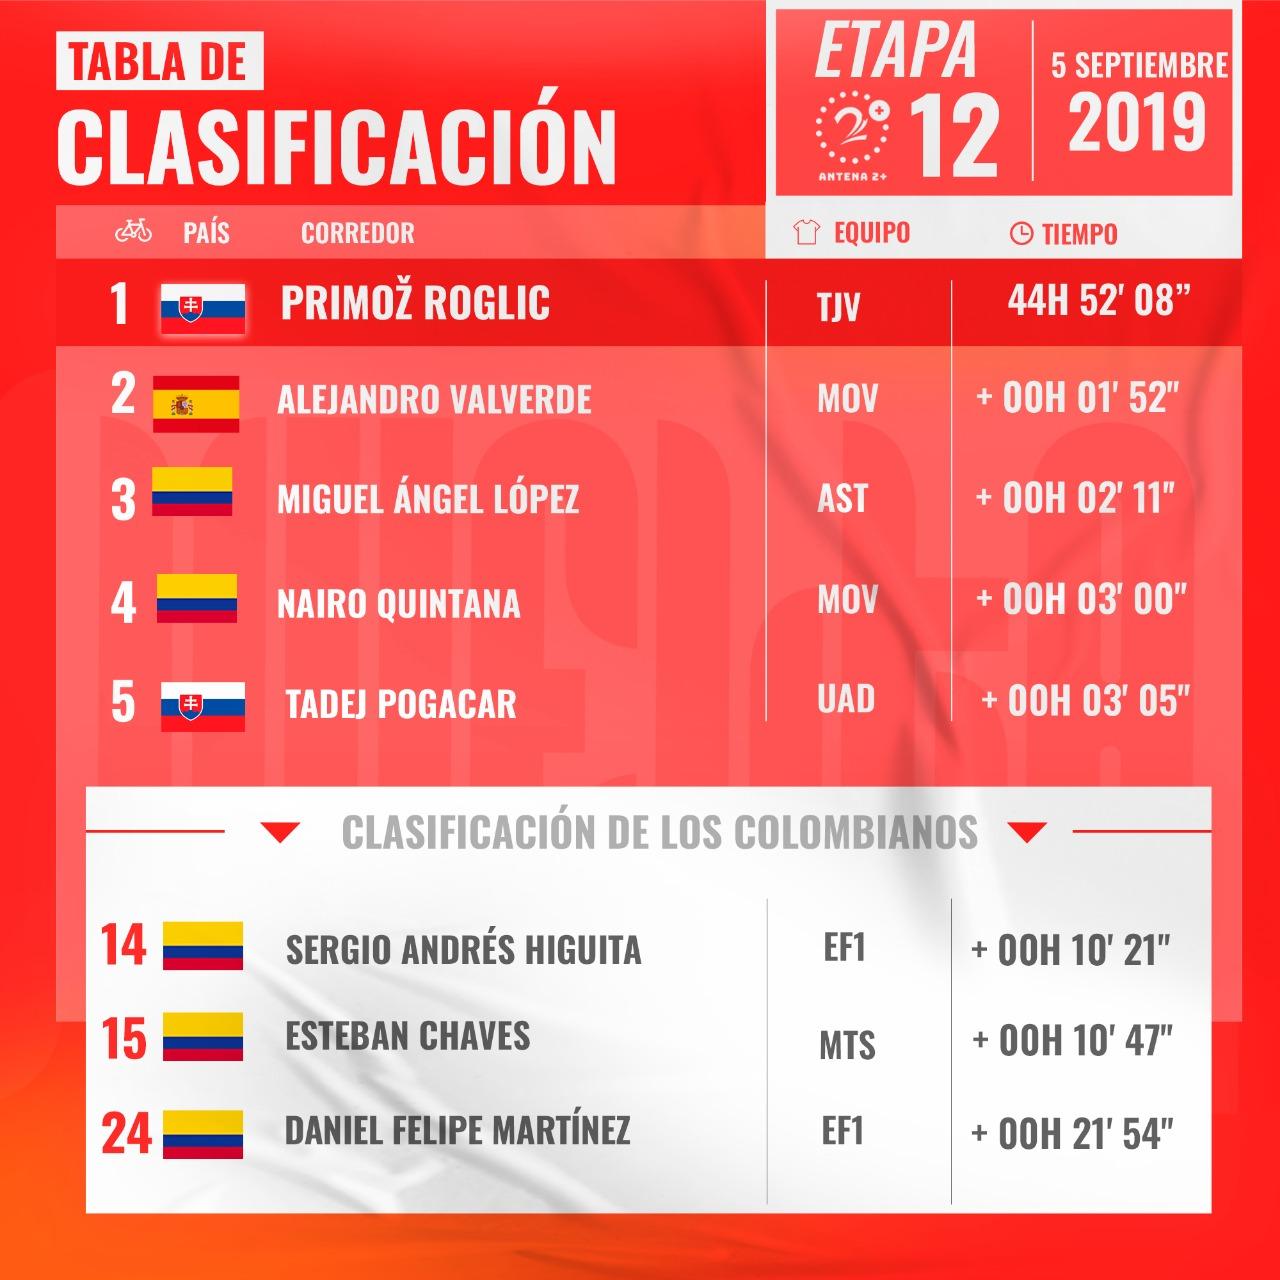 Vuelta a España 2019, clasificación gral, etapa 12